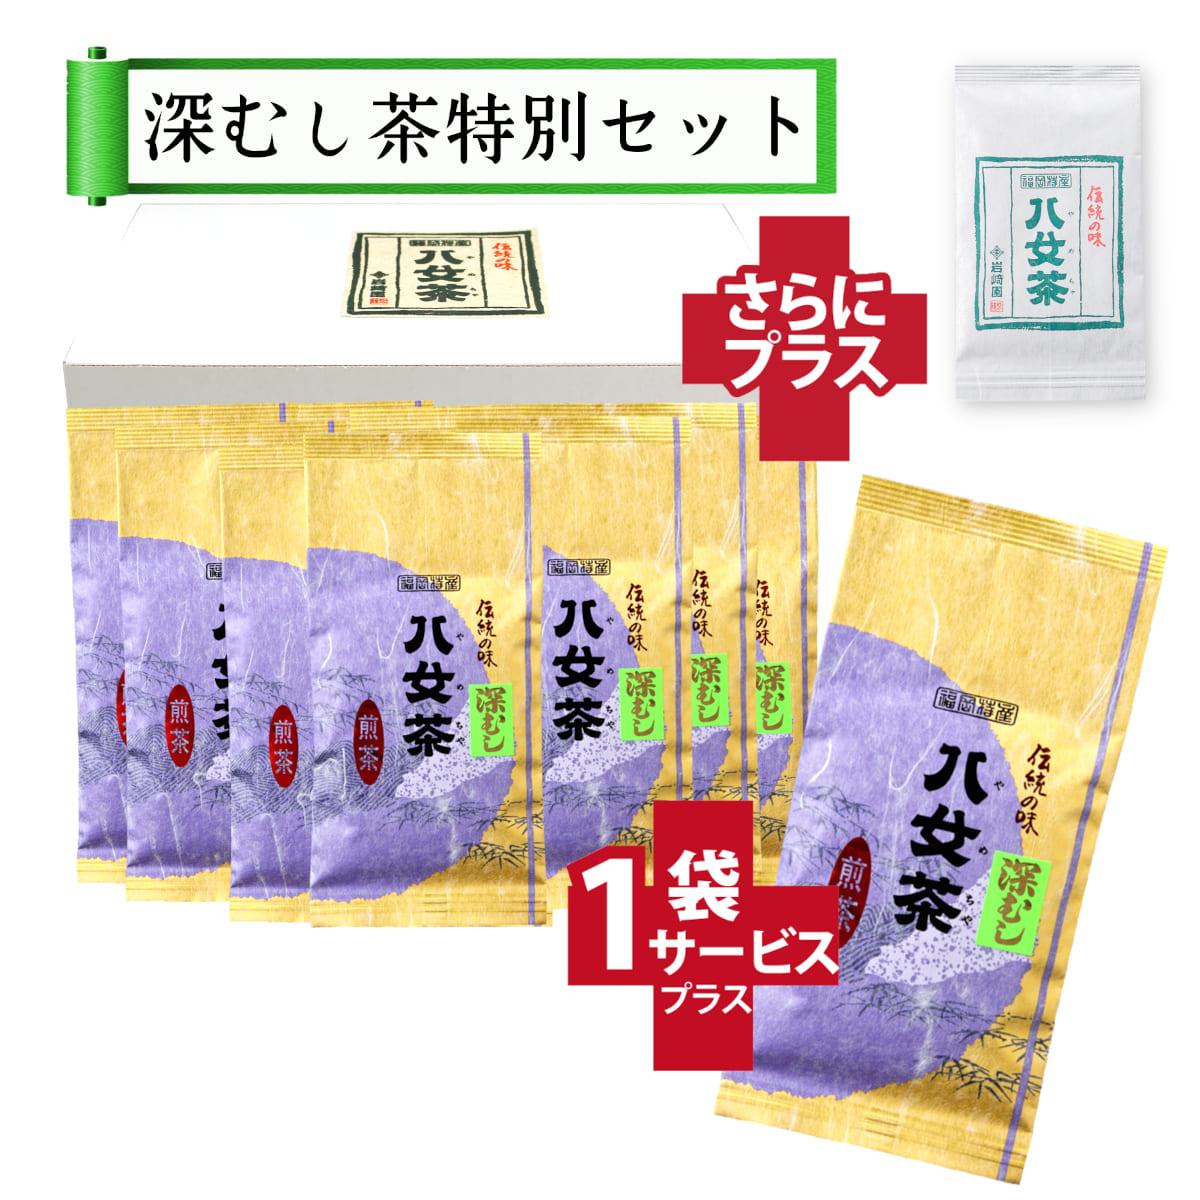 【T-99・ネ】深むし・松 10+1袋+プレゼント品